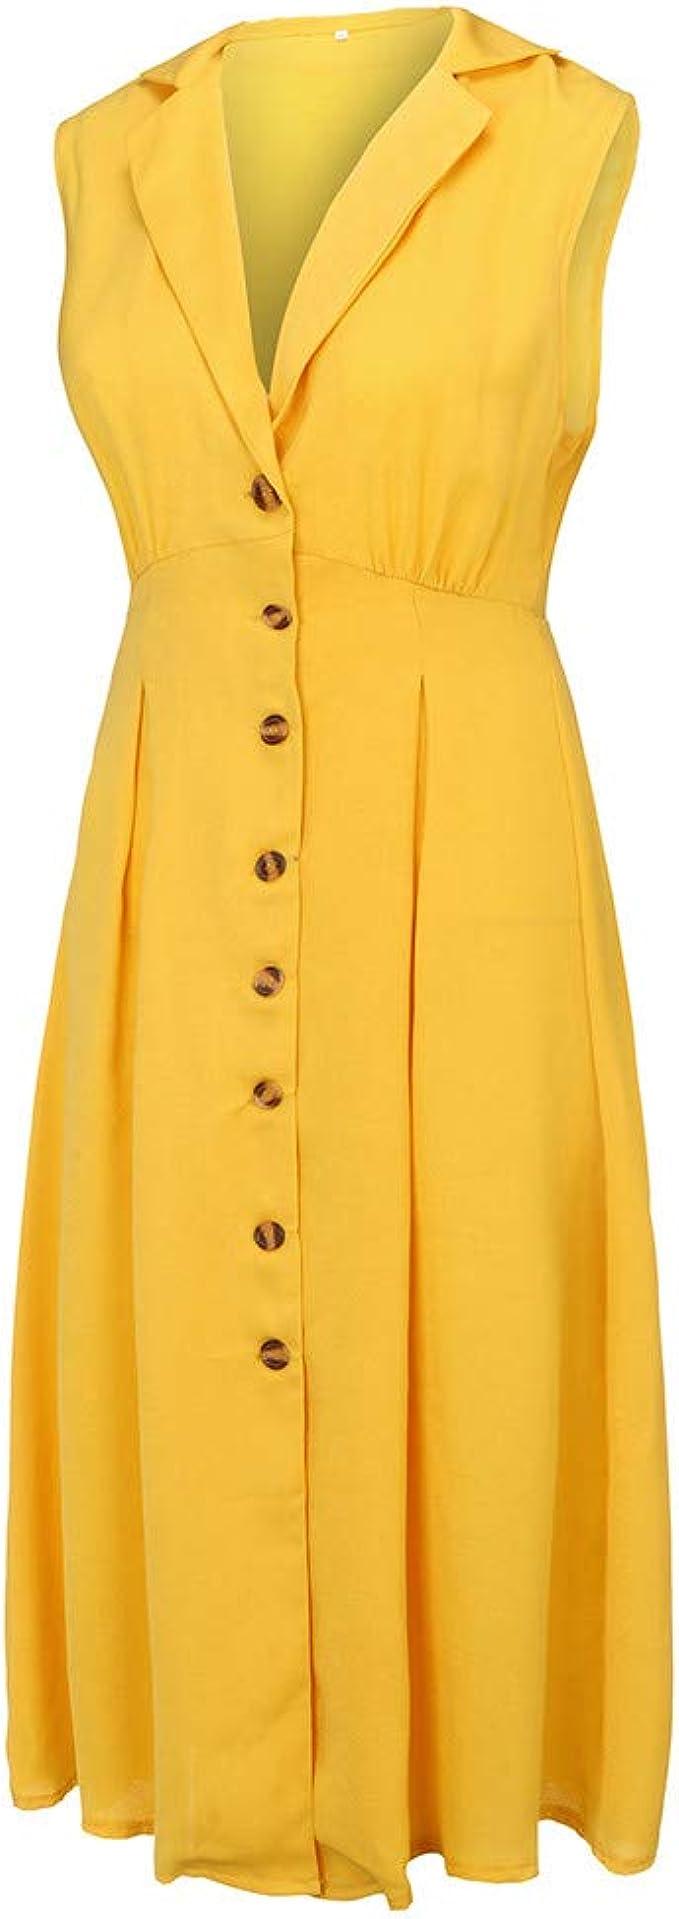 VEMOW Faldas de Las Mujeres Vestido Mujer de algodón y Lino con